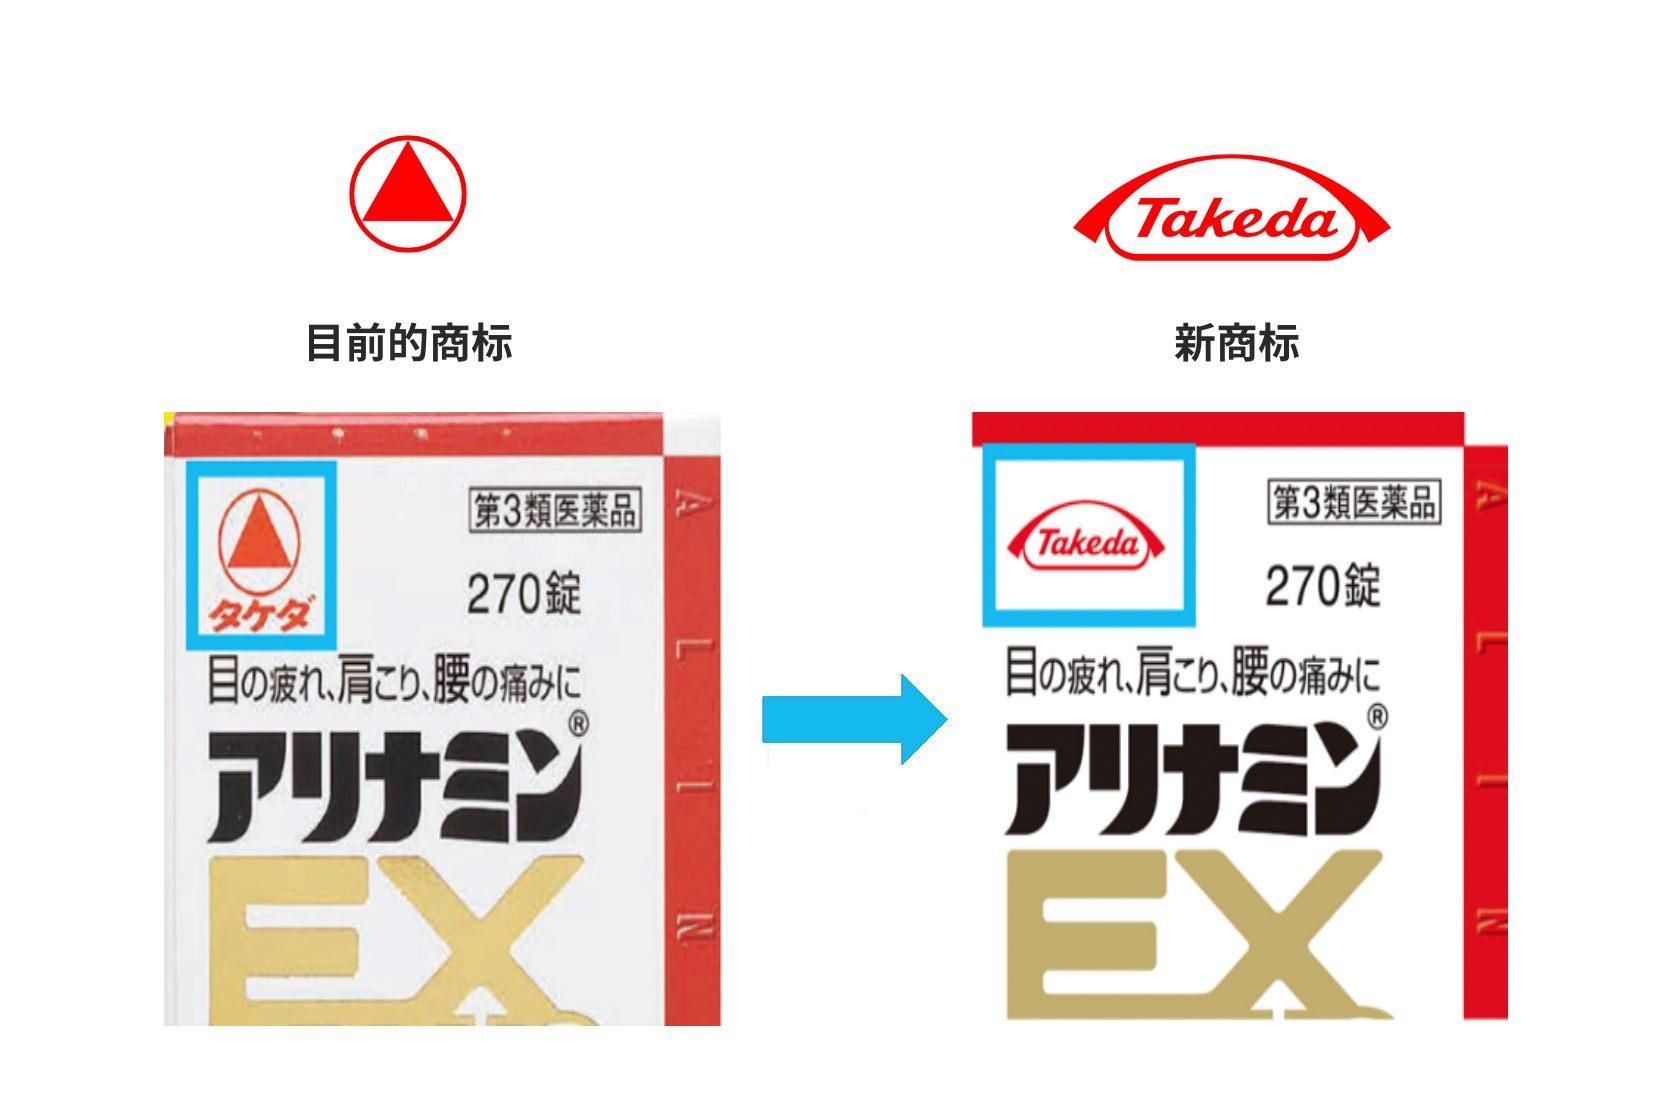 全世界的武田药品集团已统一商标